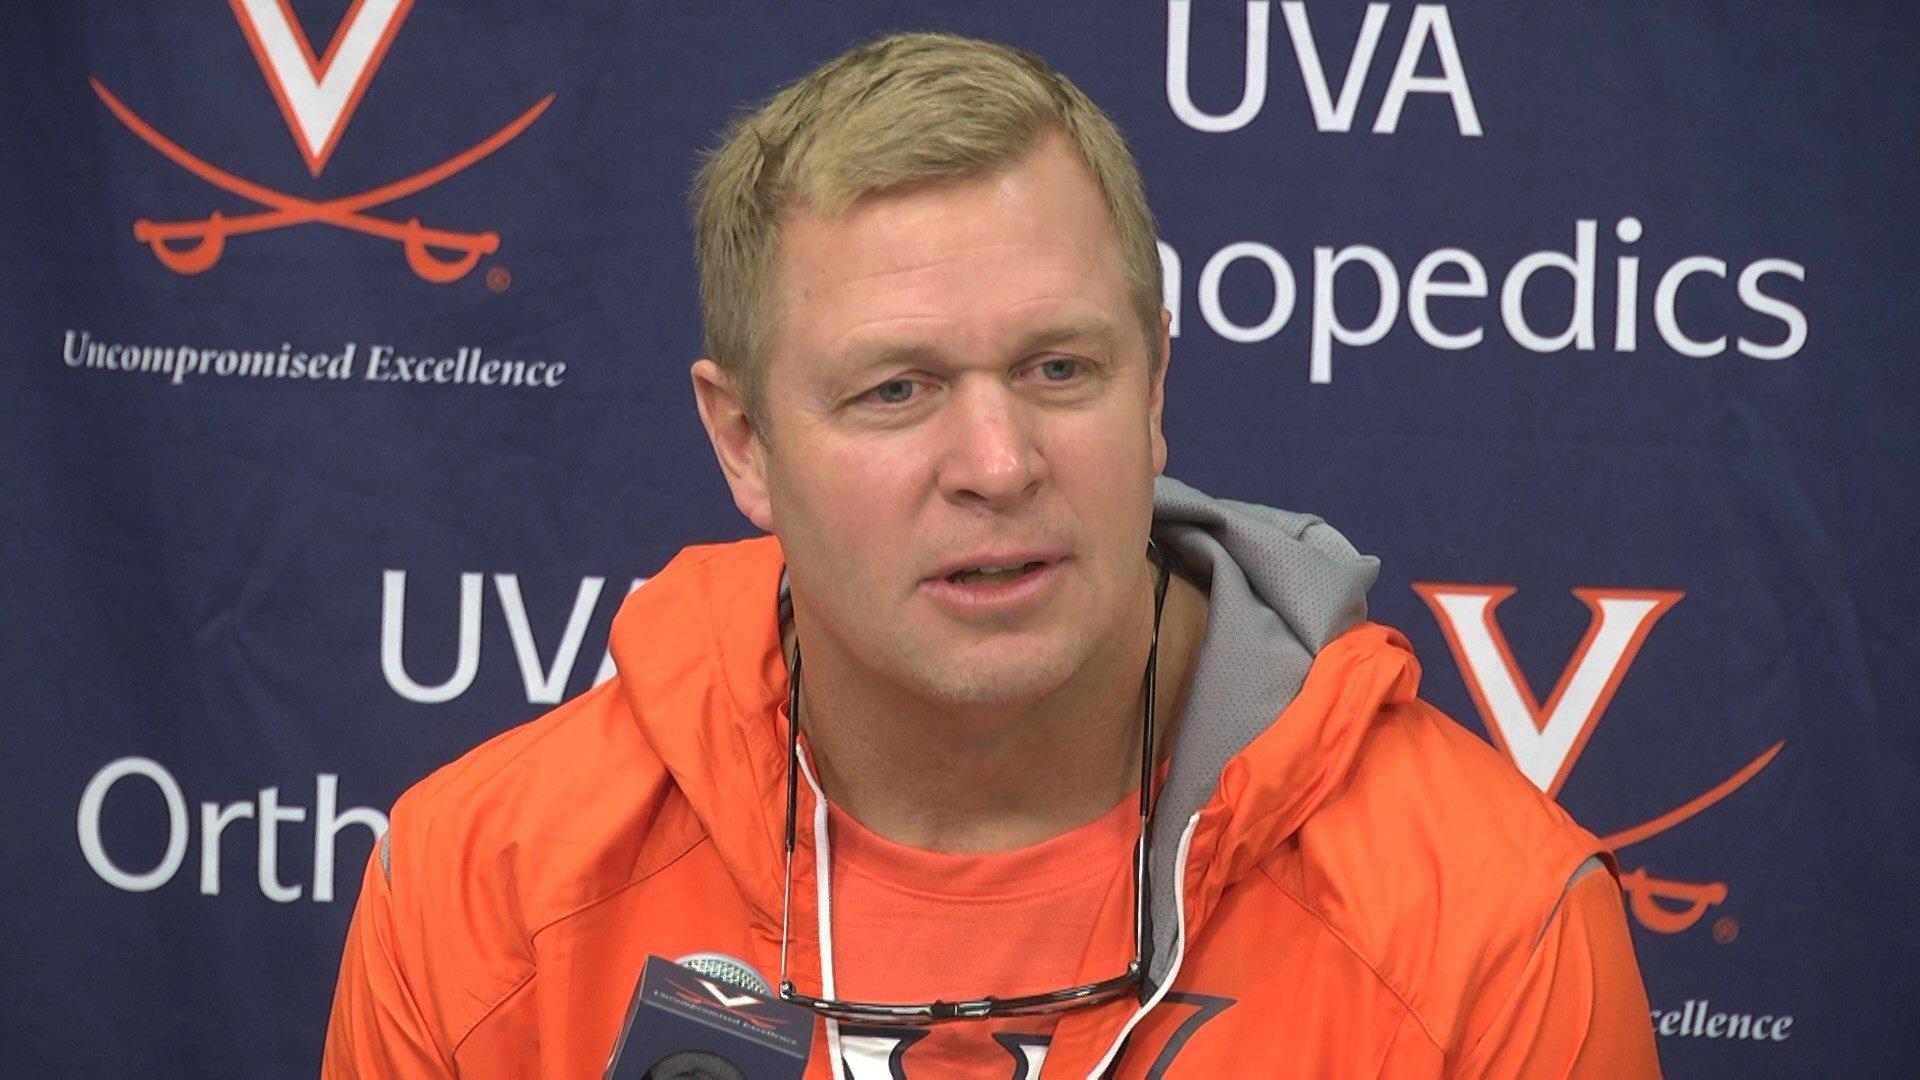 UVA football coach Bronco Mendenhall